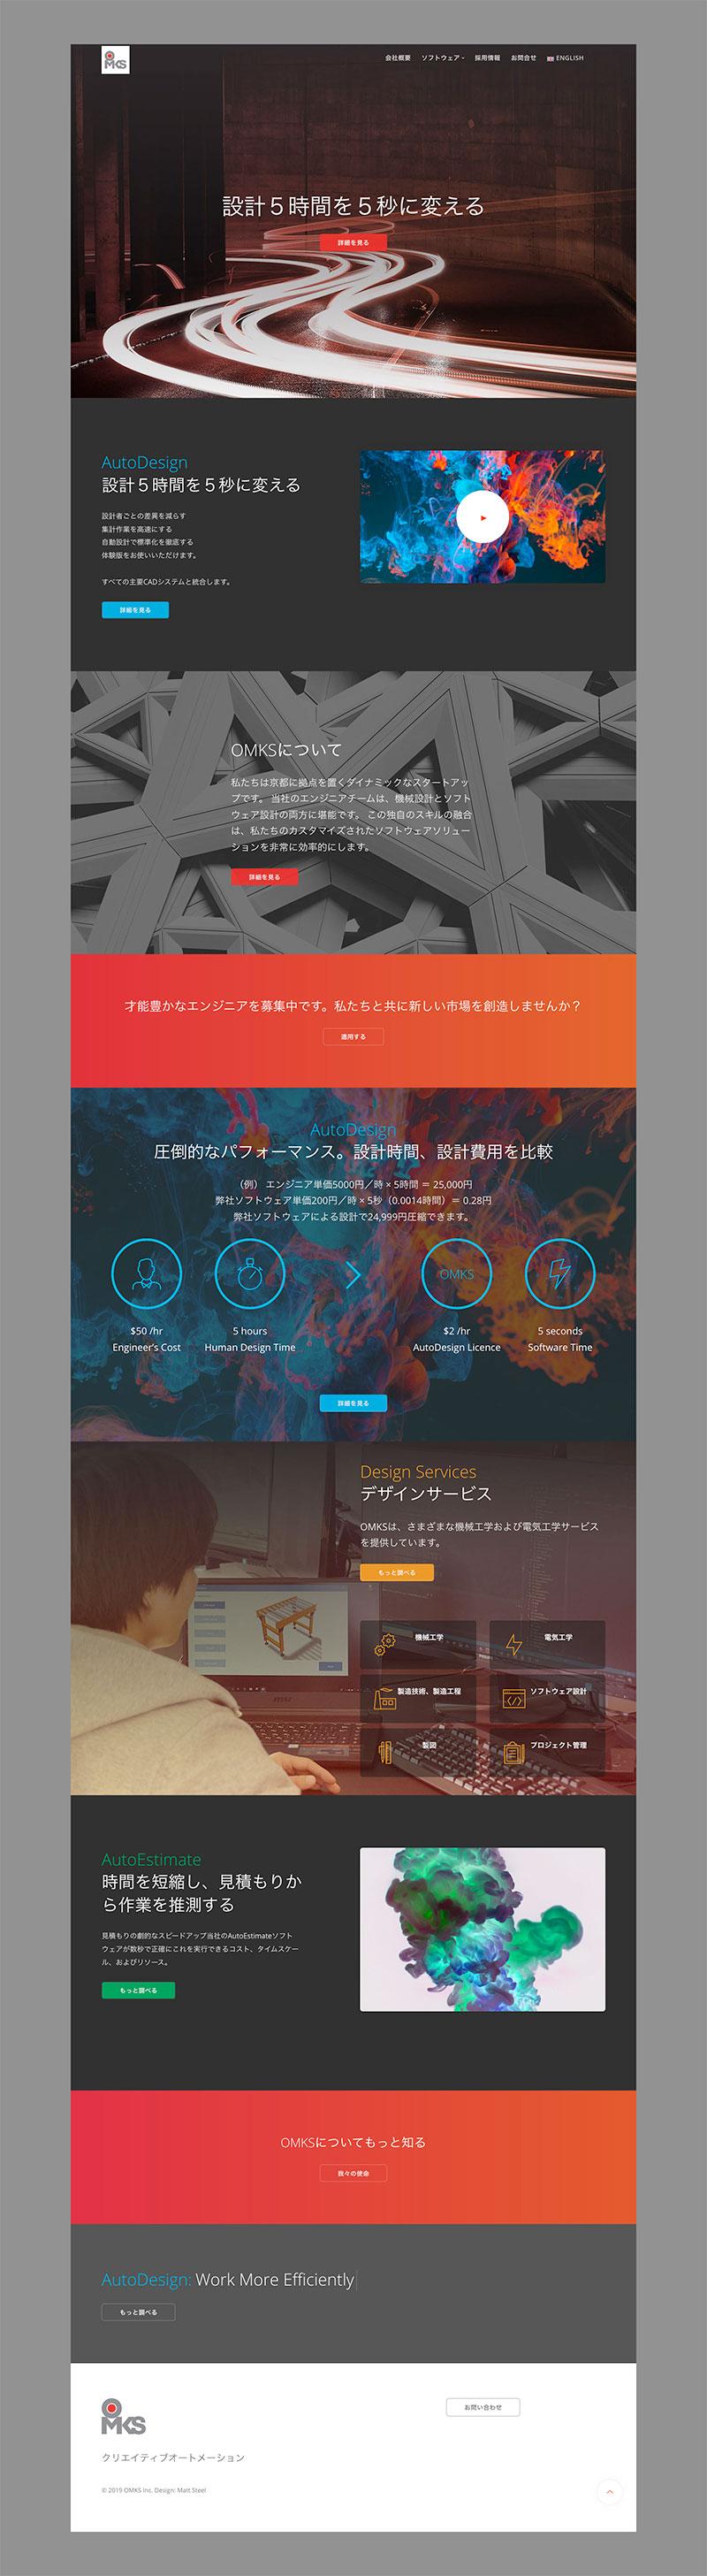 OMKS website design